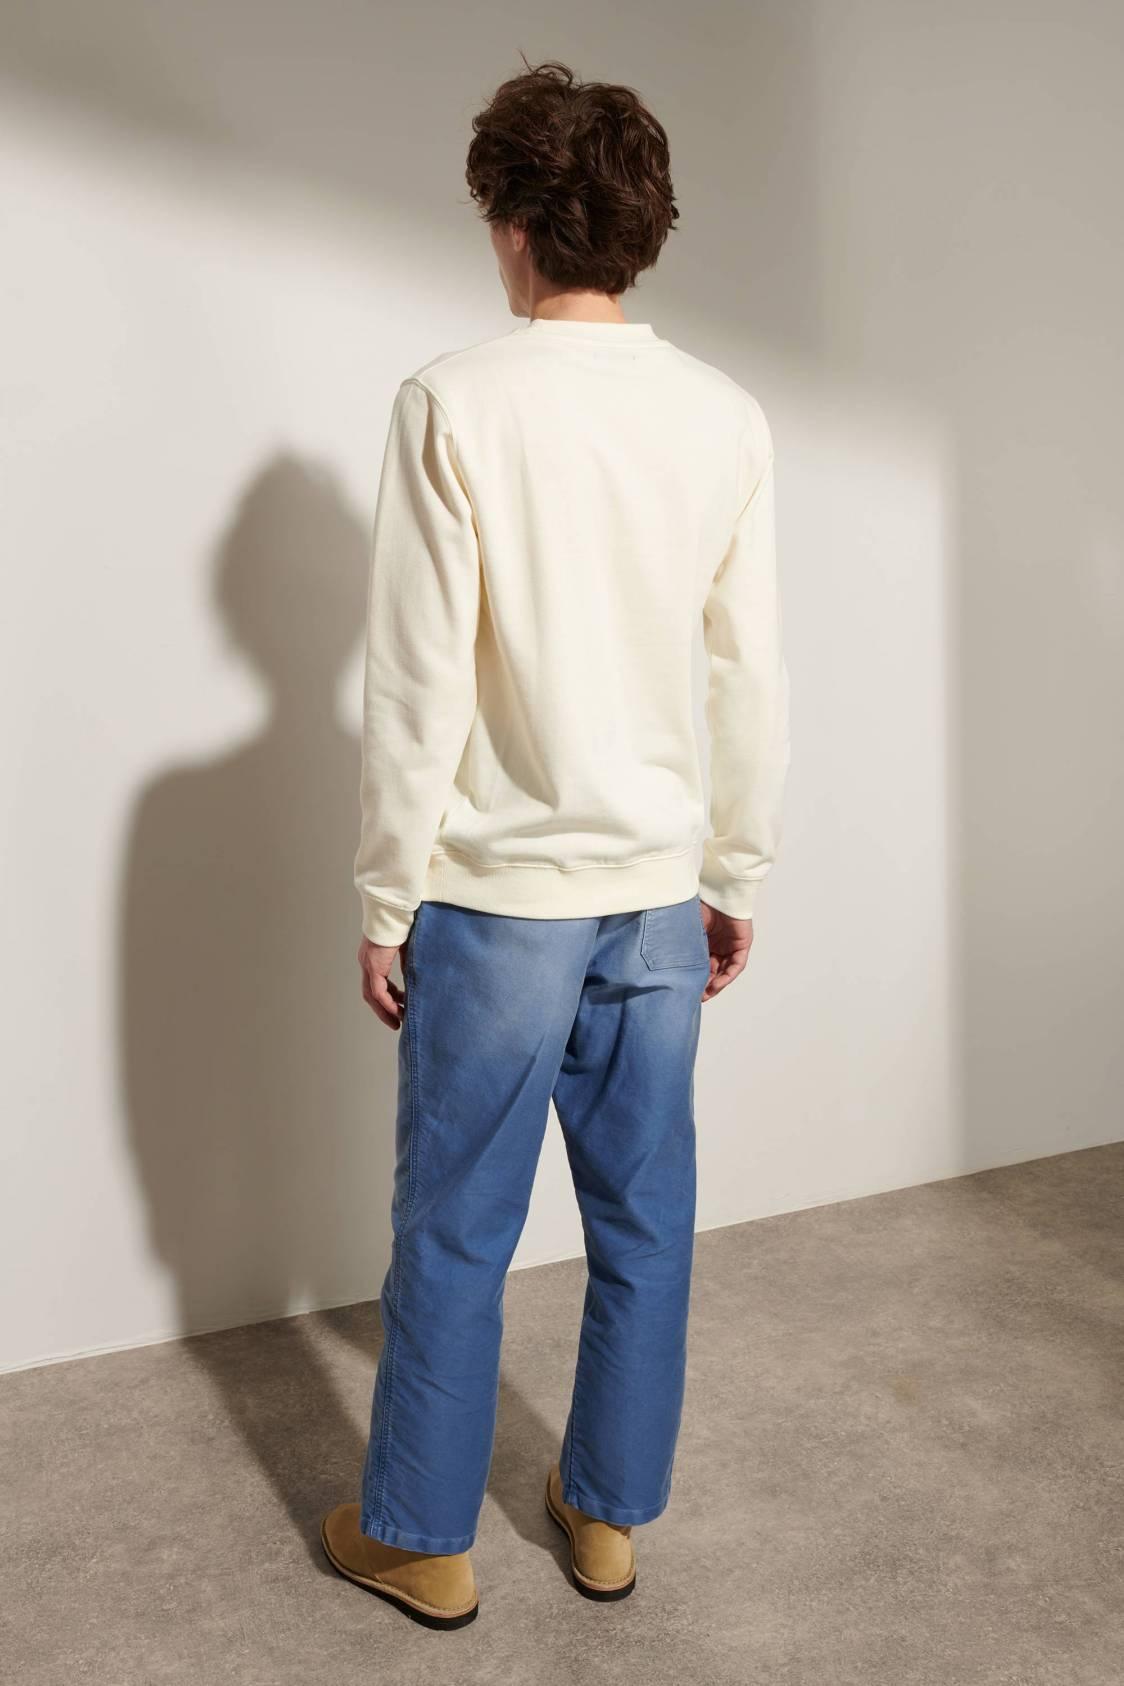 Sheep-embroidery Sweatshirt